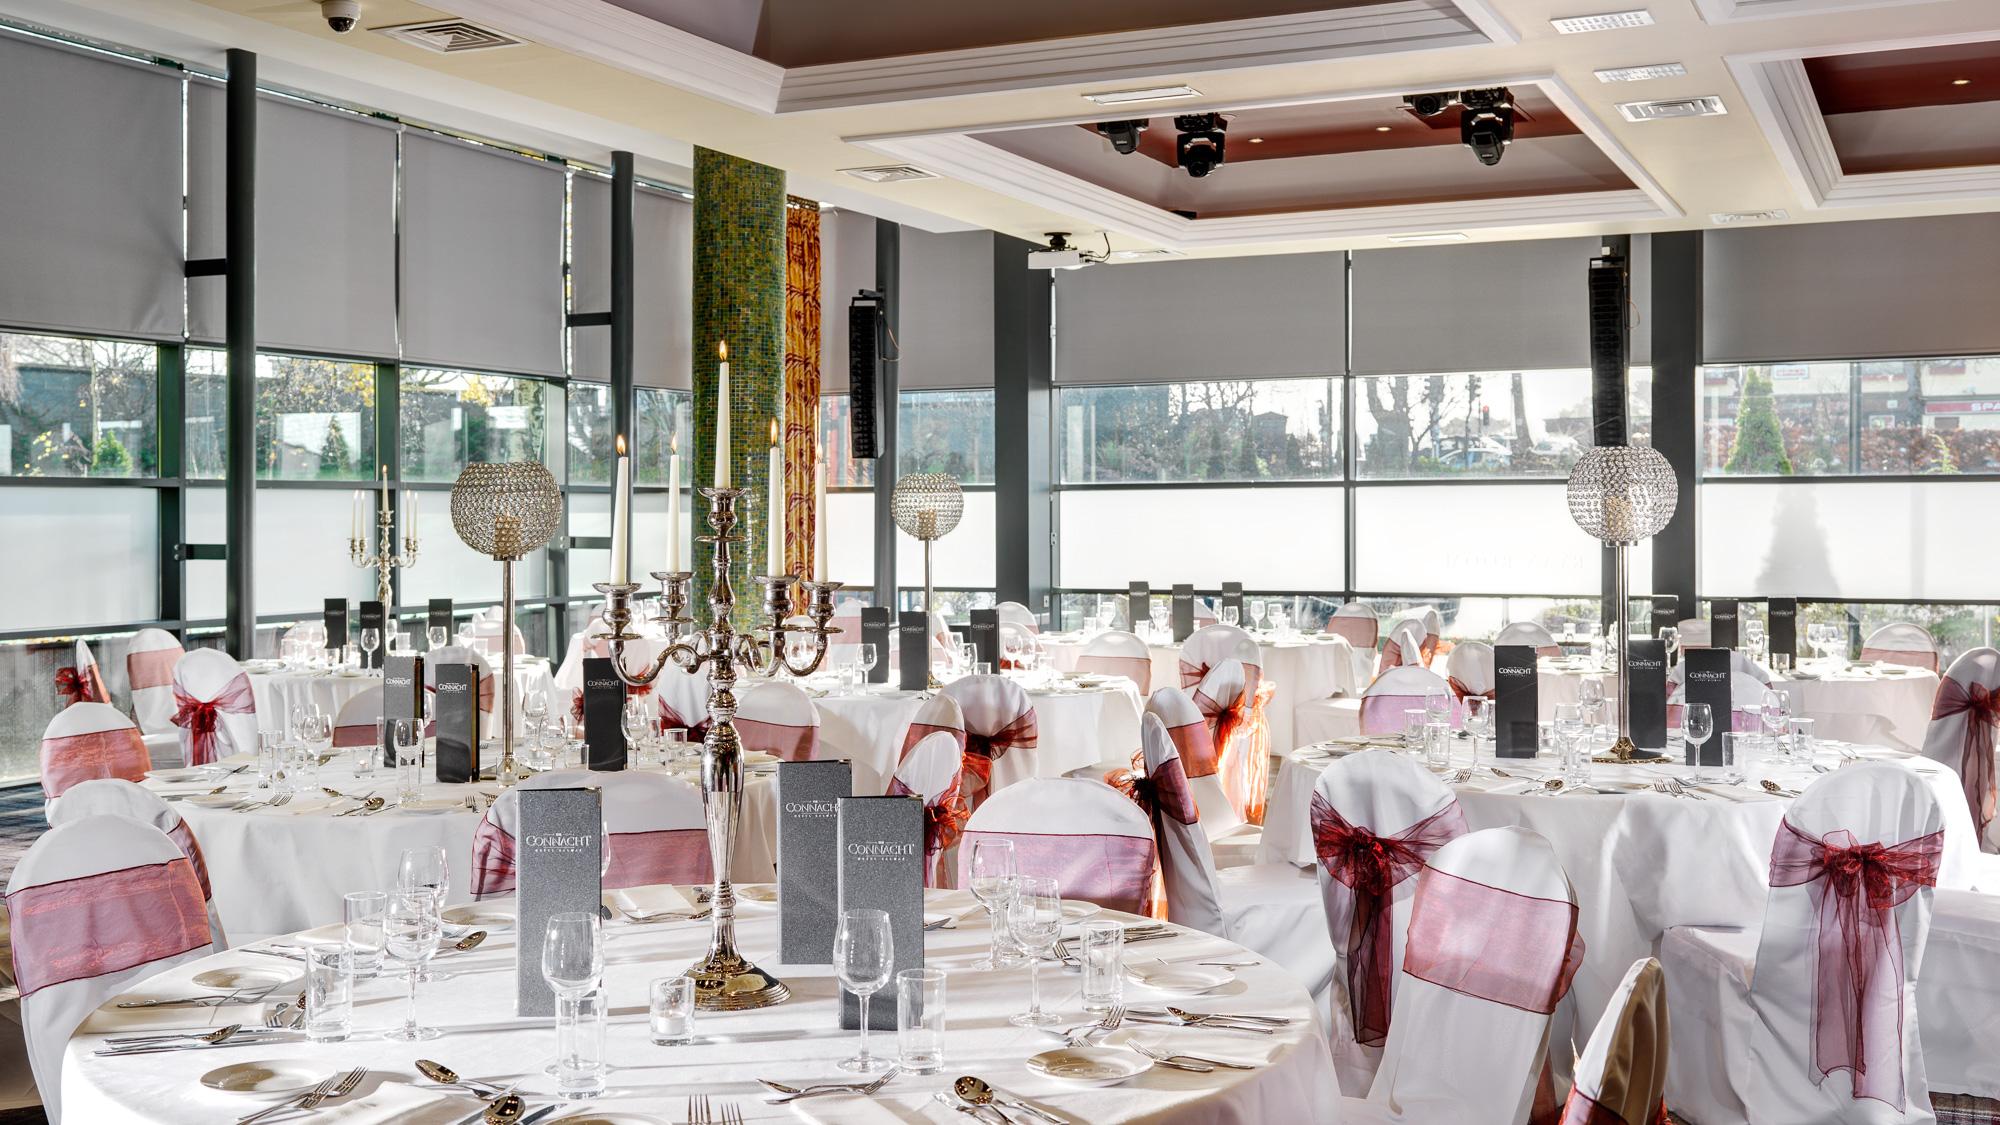 Ryan Room Banquet FL PT 2000px.jpg